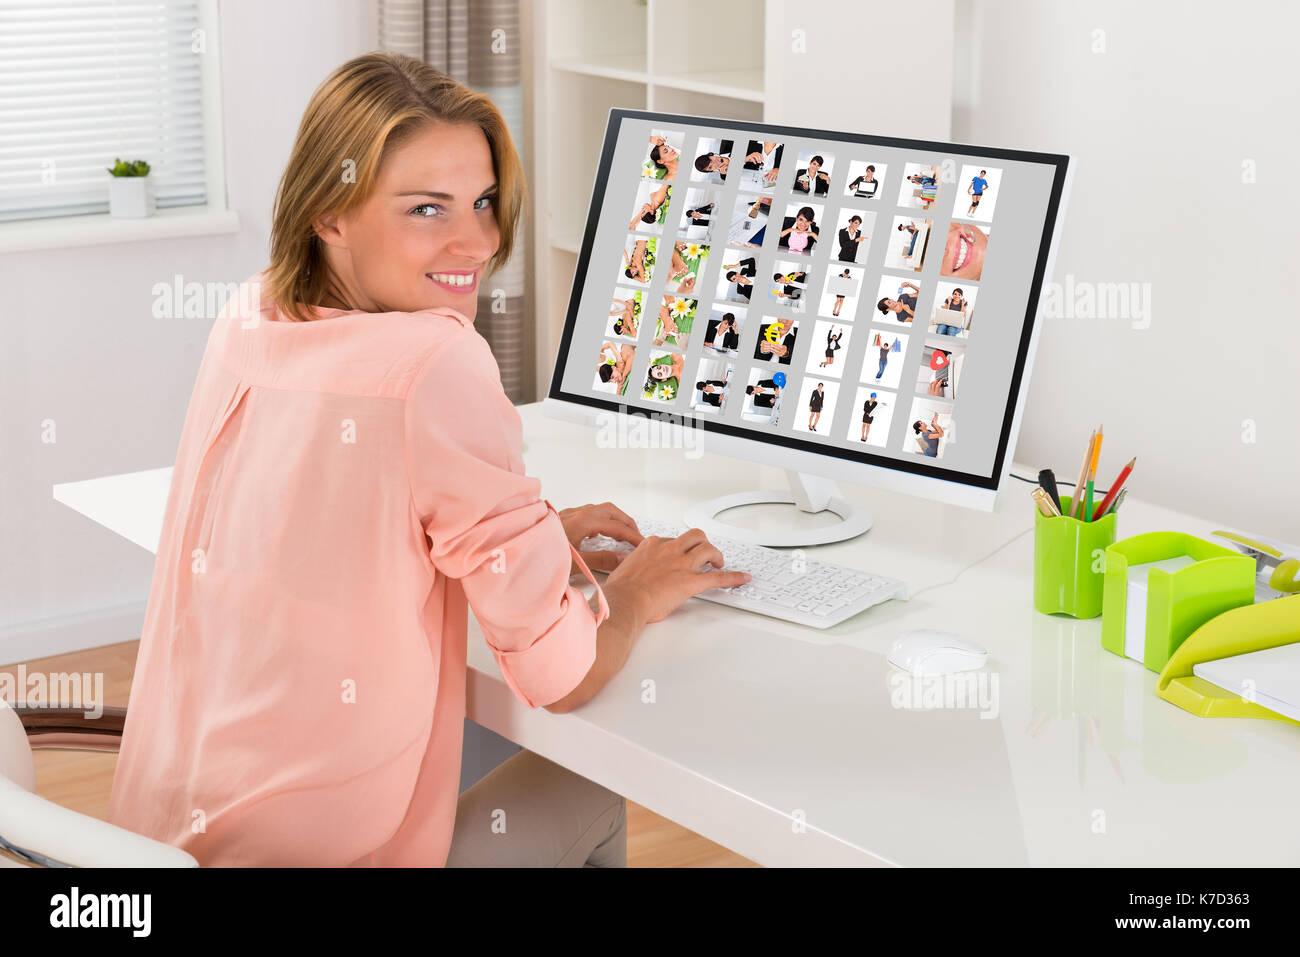 Junge Glücklich weiblichen Editor Arbeiten mit Fotos auf dem Computer im Büro Stockfoto